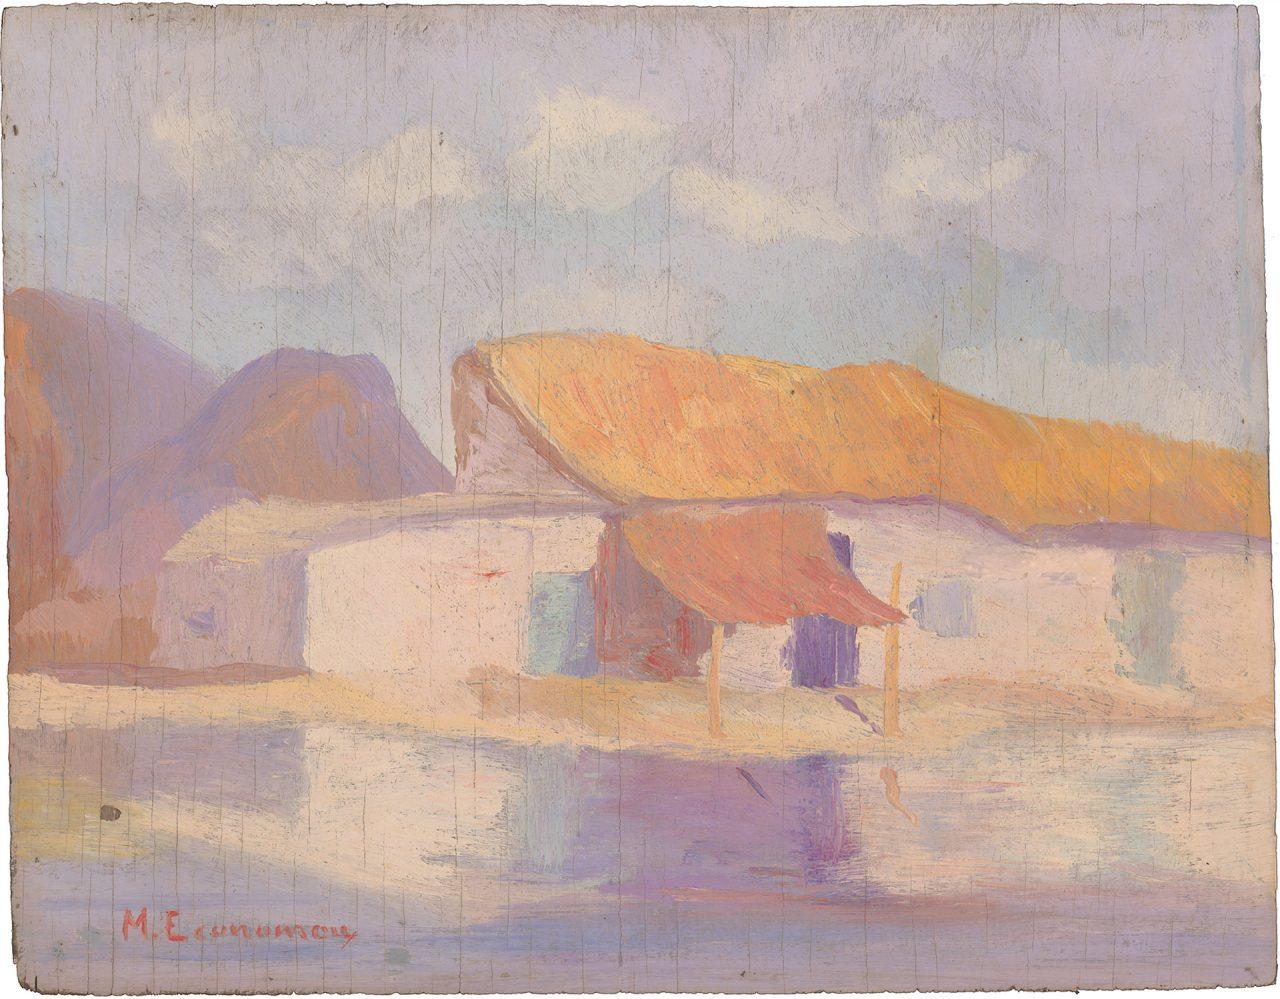 049. ECONOMOU Michael (1884–1933)